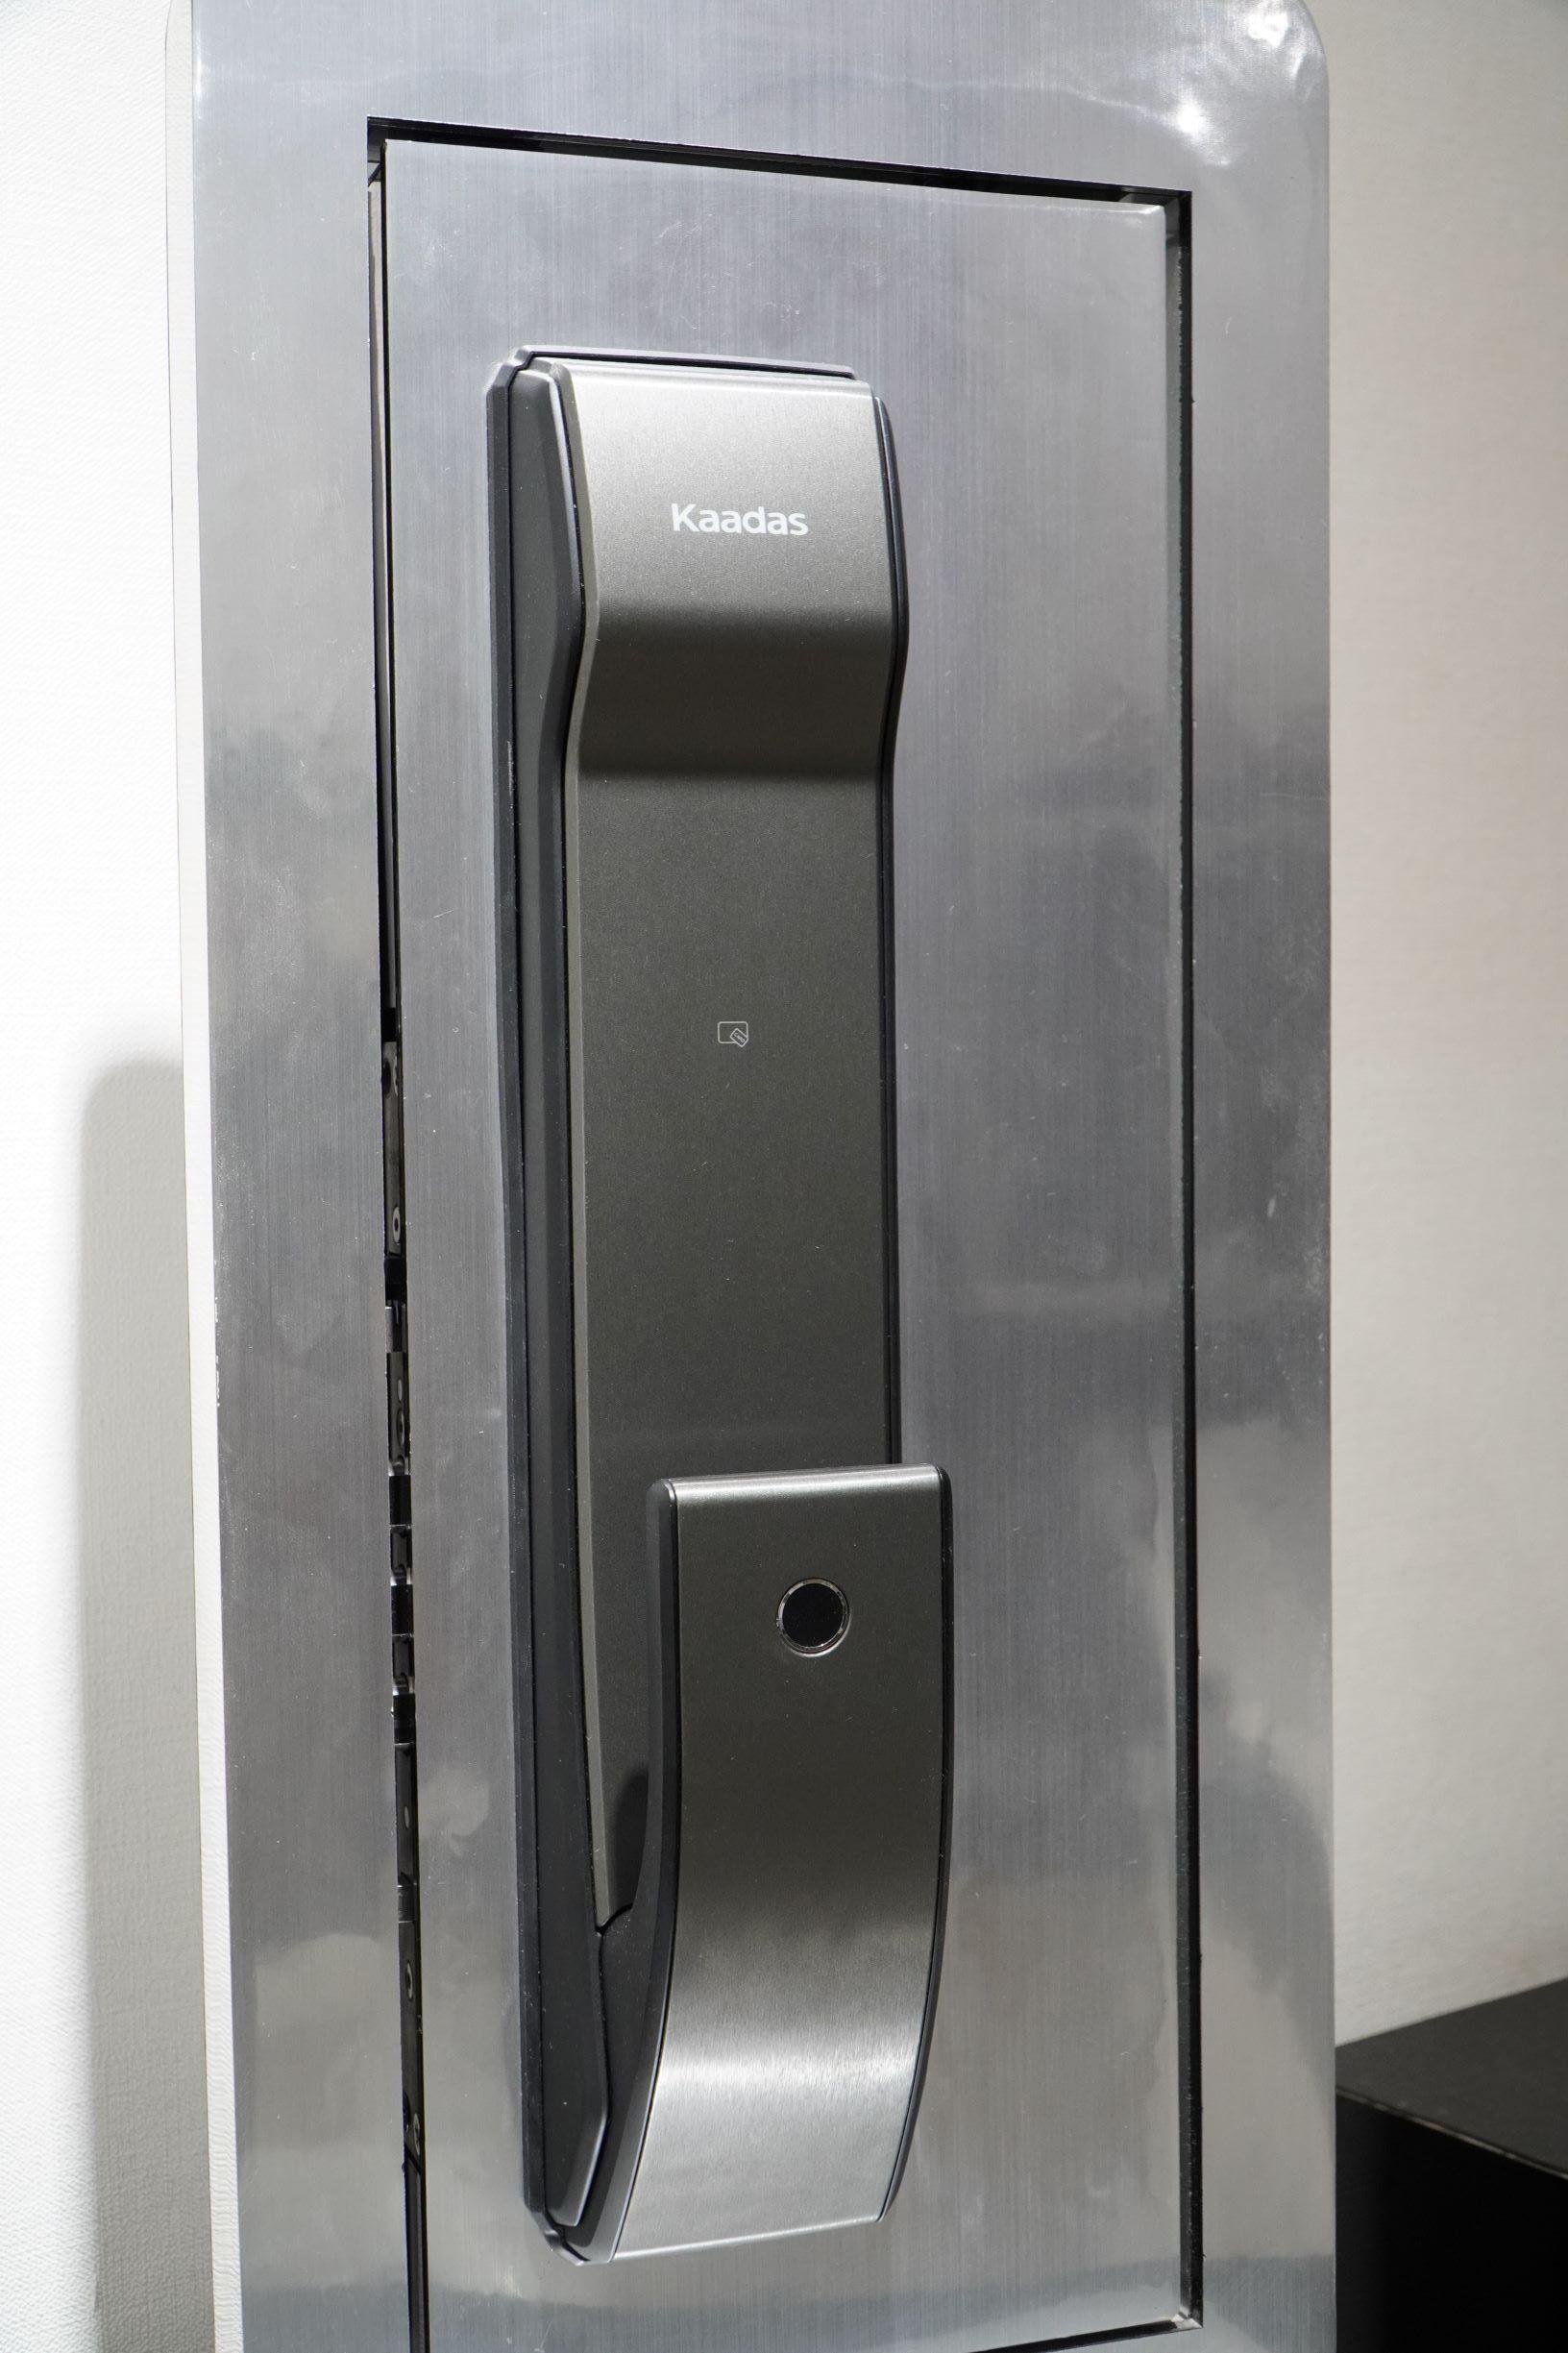 khóa vân tay dành cho cửa sắt